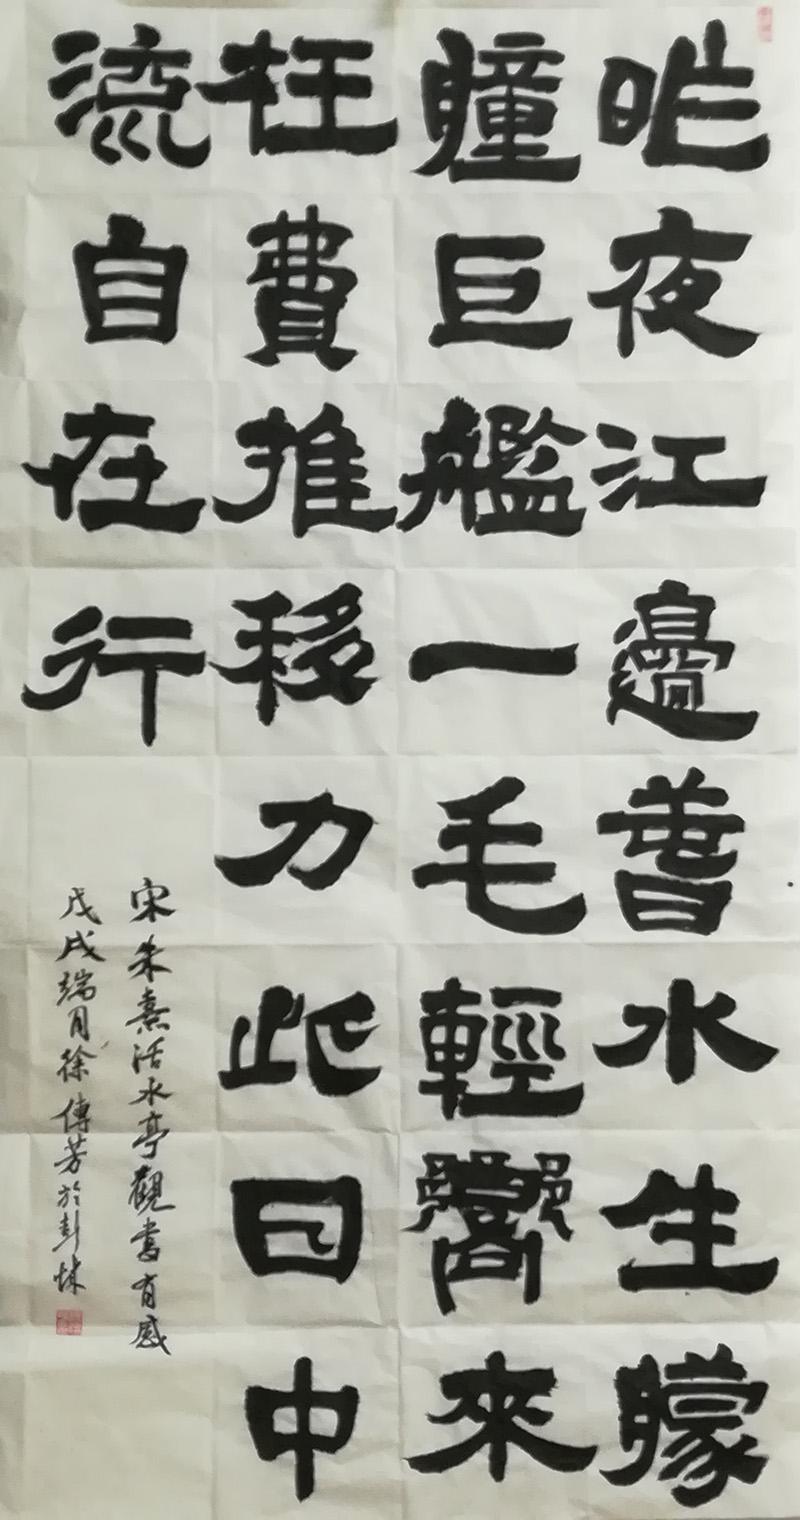 徐传芳作品之一 (13)